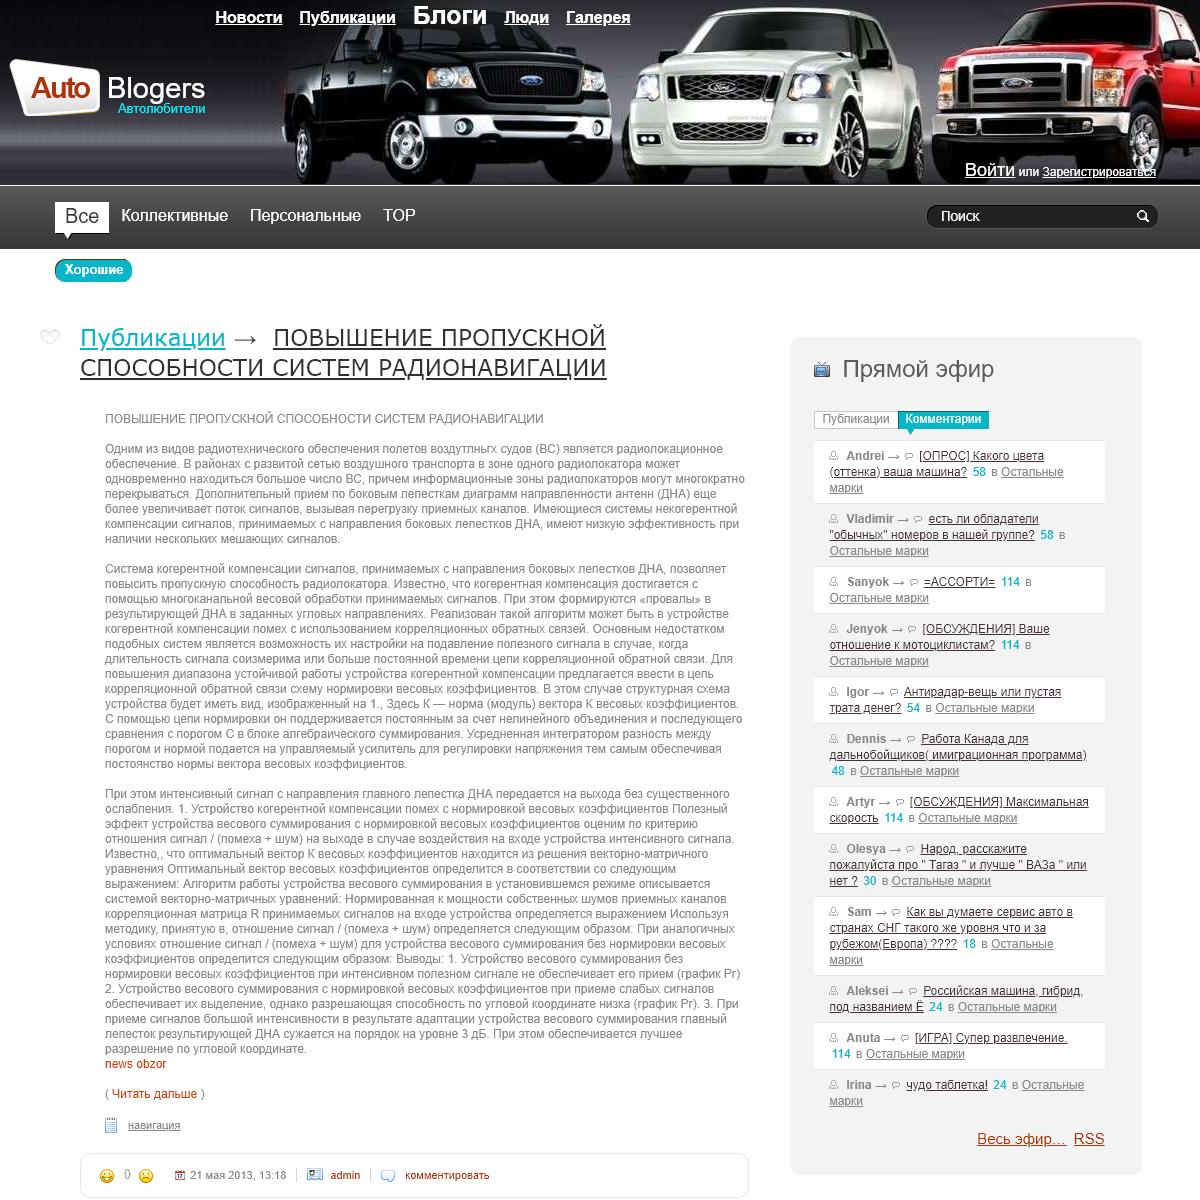 AutoBlogers.ru - Сообщество автолюбителей!